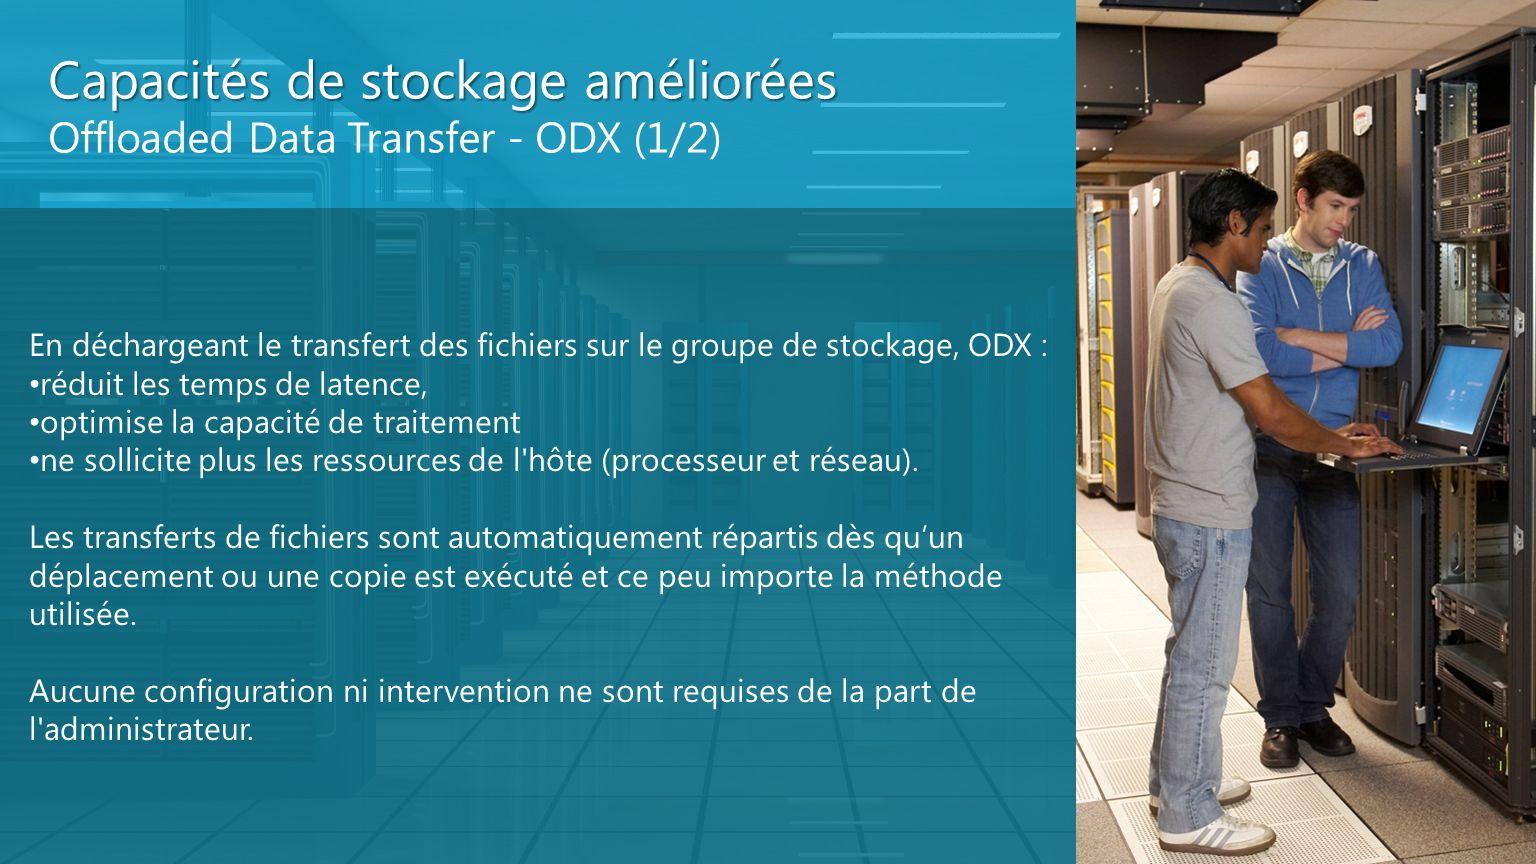 Capacités de stockage améliorées Offloaded Data Transfer - ODX (1/2) En déchargeant le transfert des fichiers sur le groupe de stockage, ODX : réduit